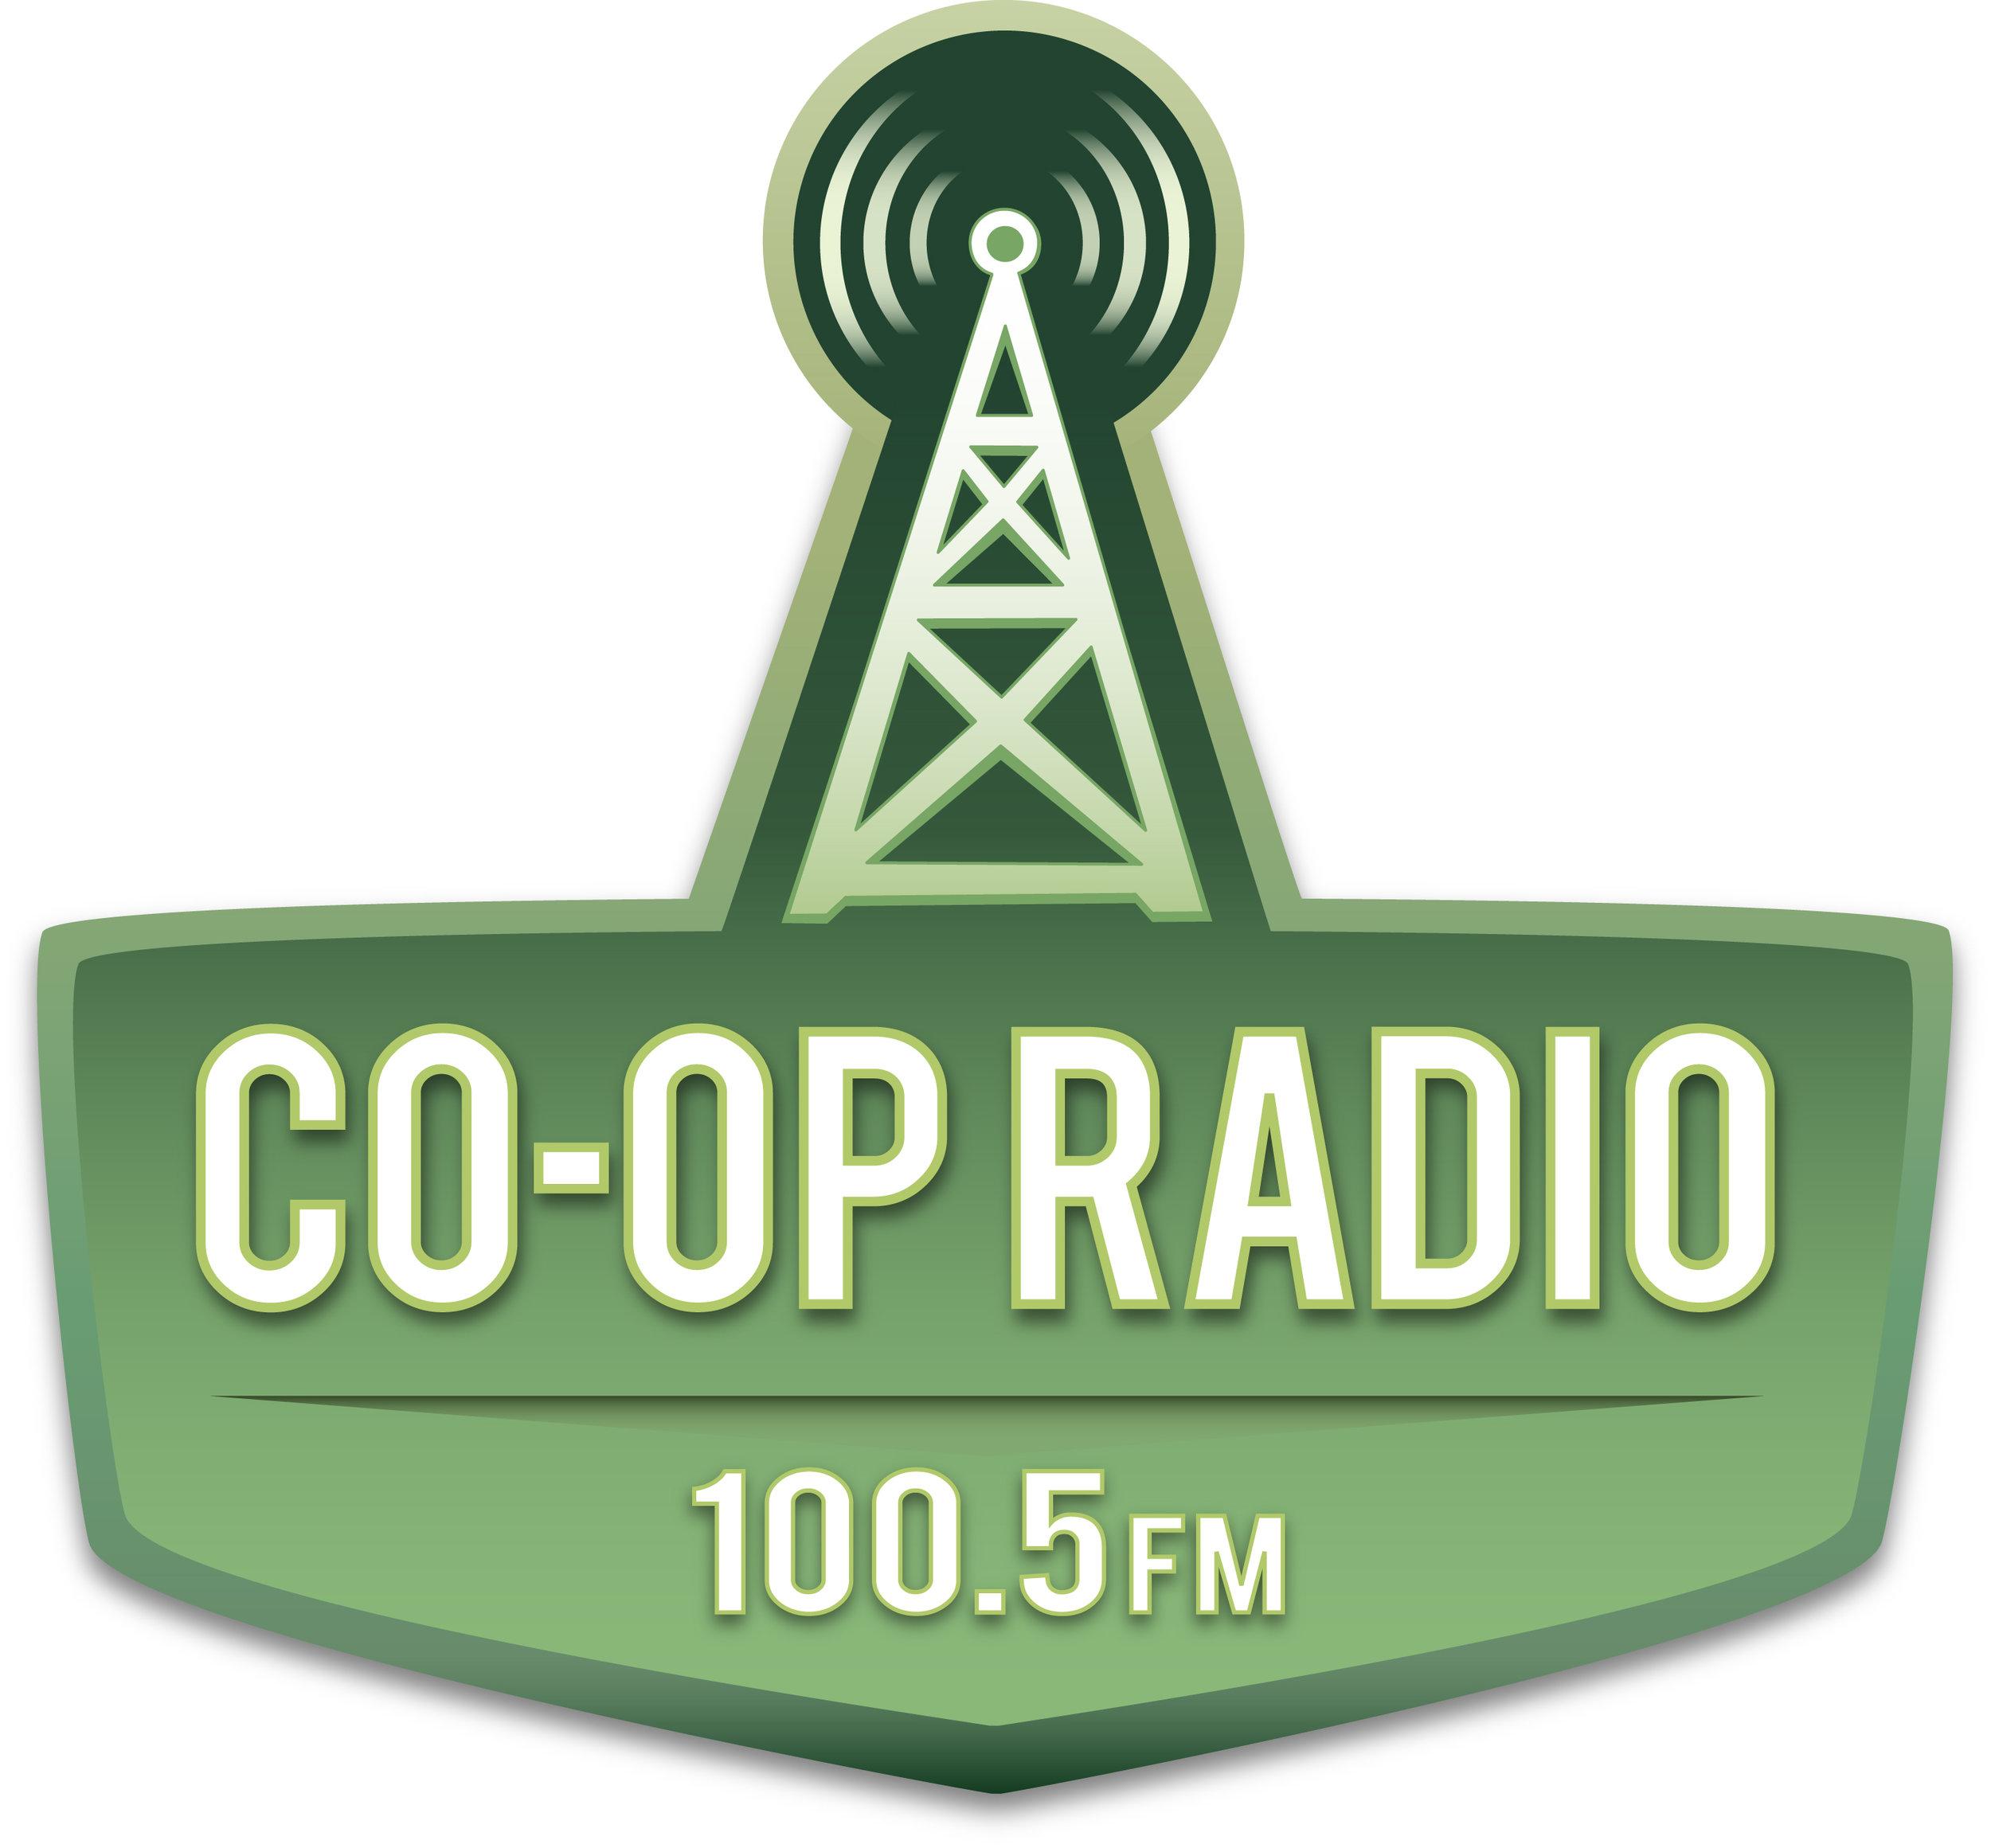 logo-Co-op-Radio-100.5FM.jpg